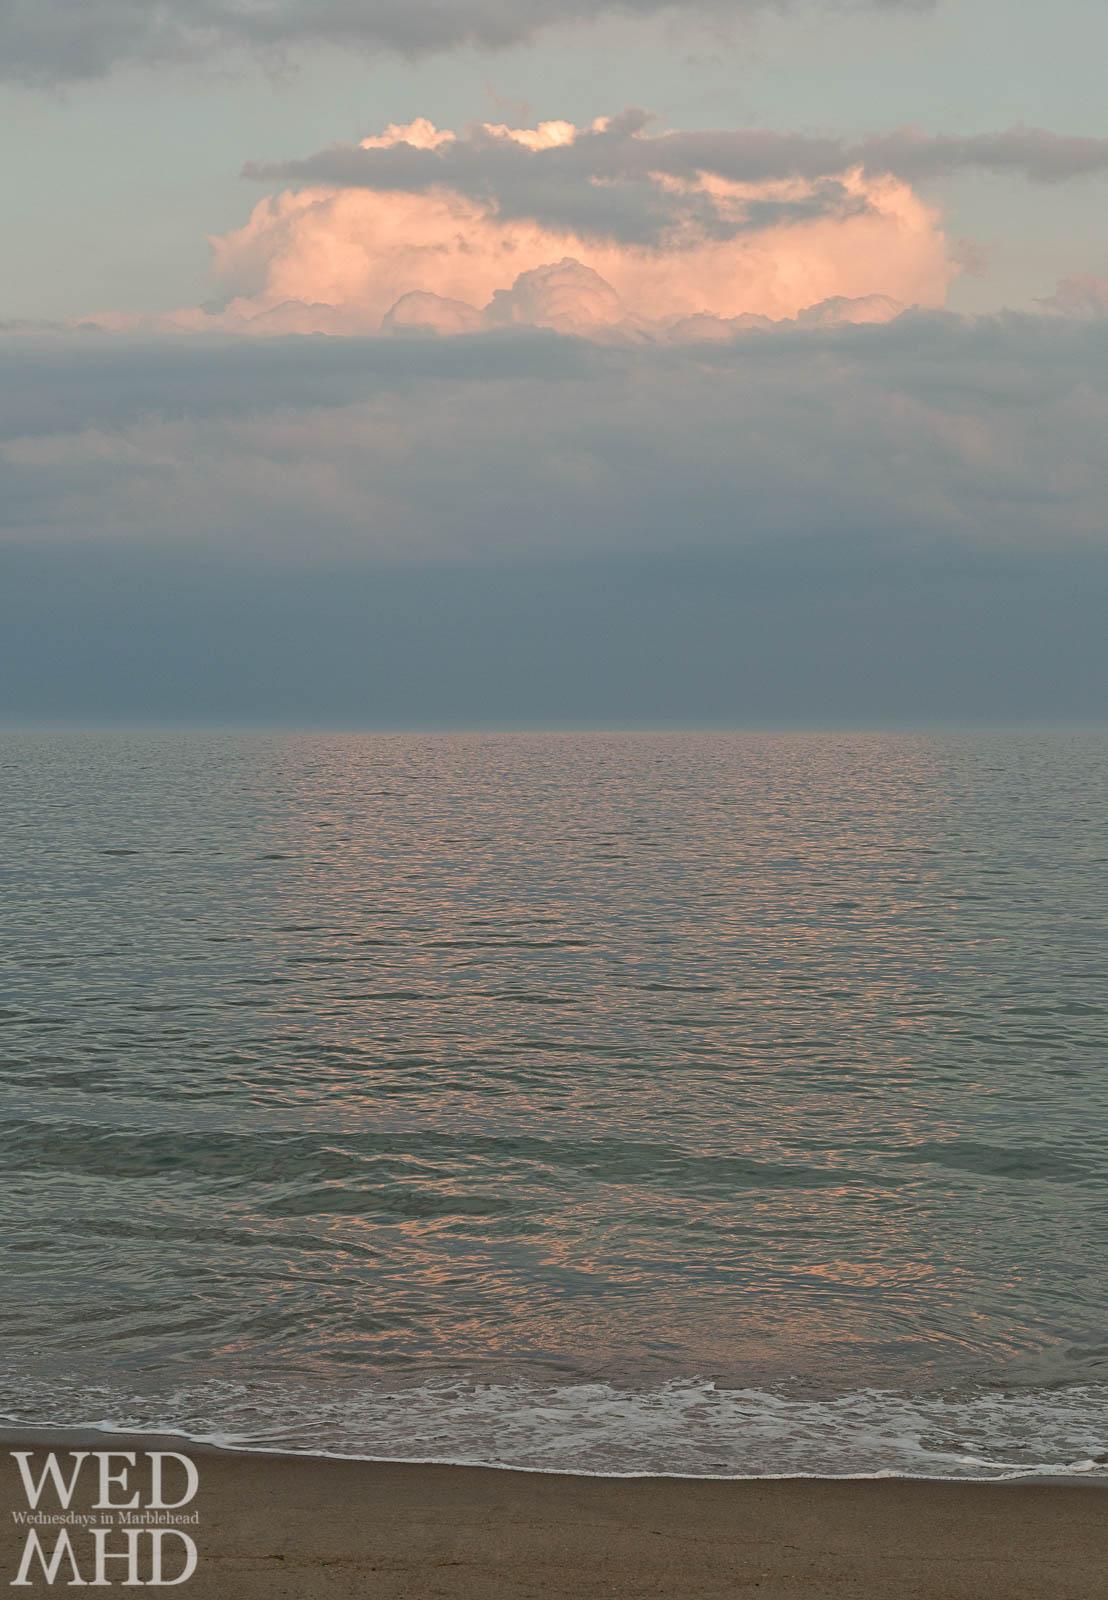 Sunset Cloud at Devereux Beach